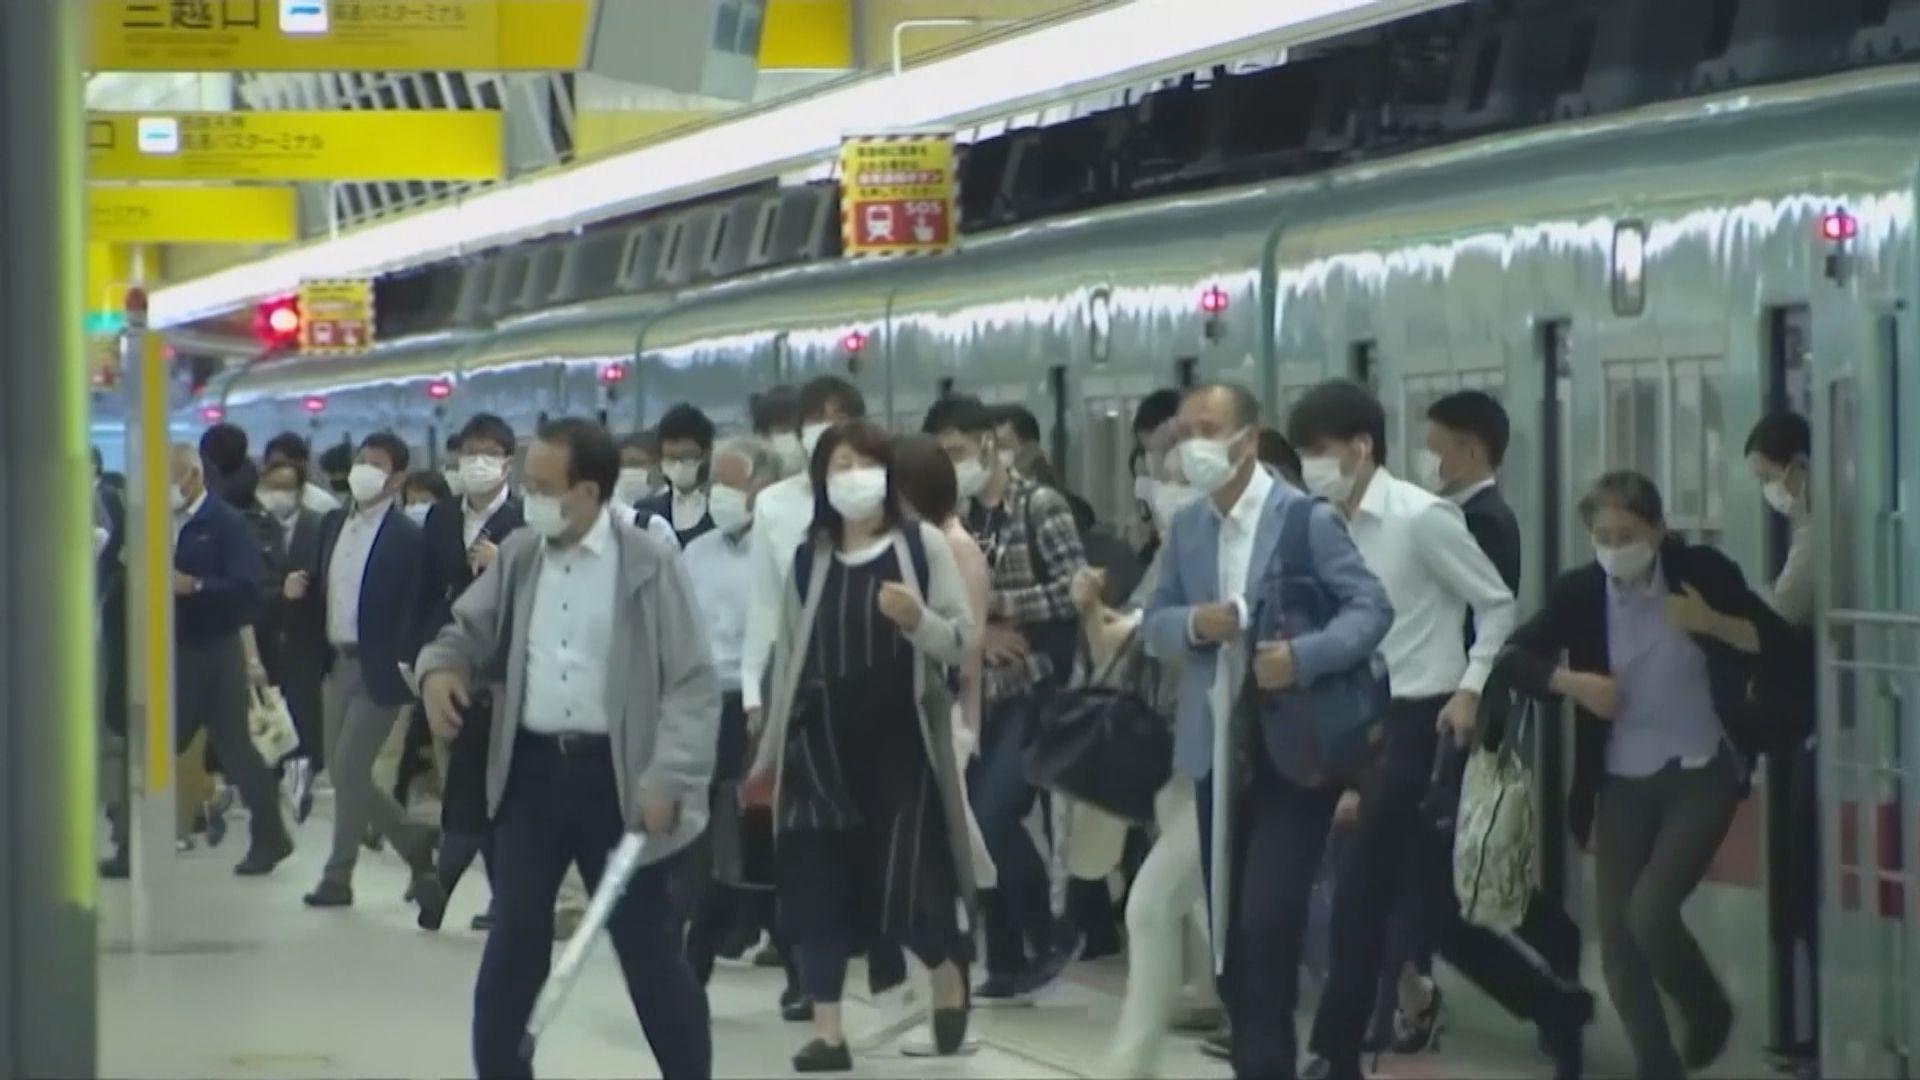 日本市面重現上班人潮 南韓居家隔離人數升至近三萬人